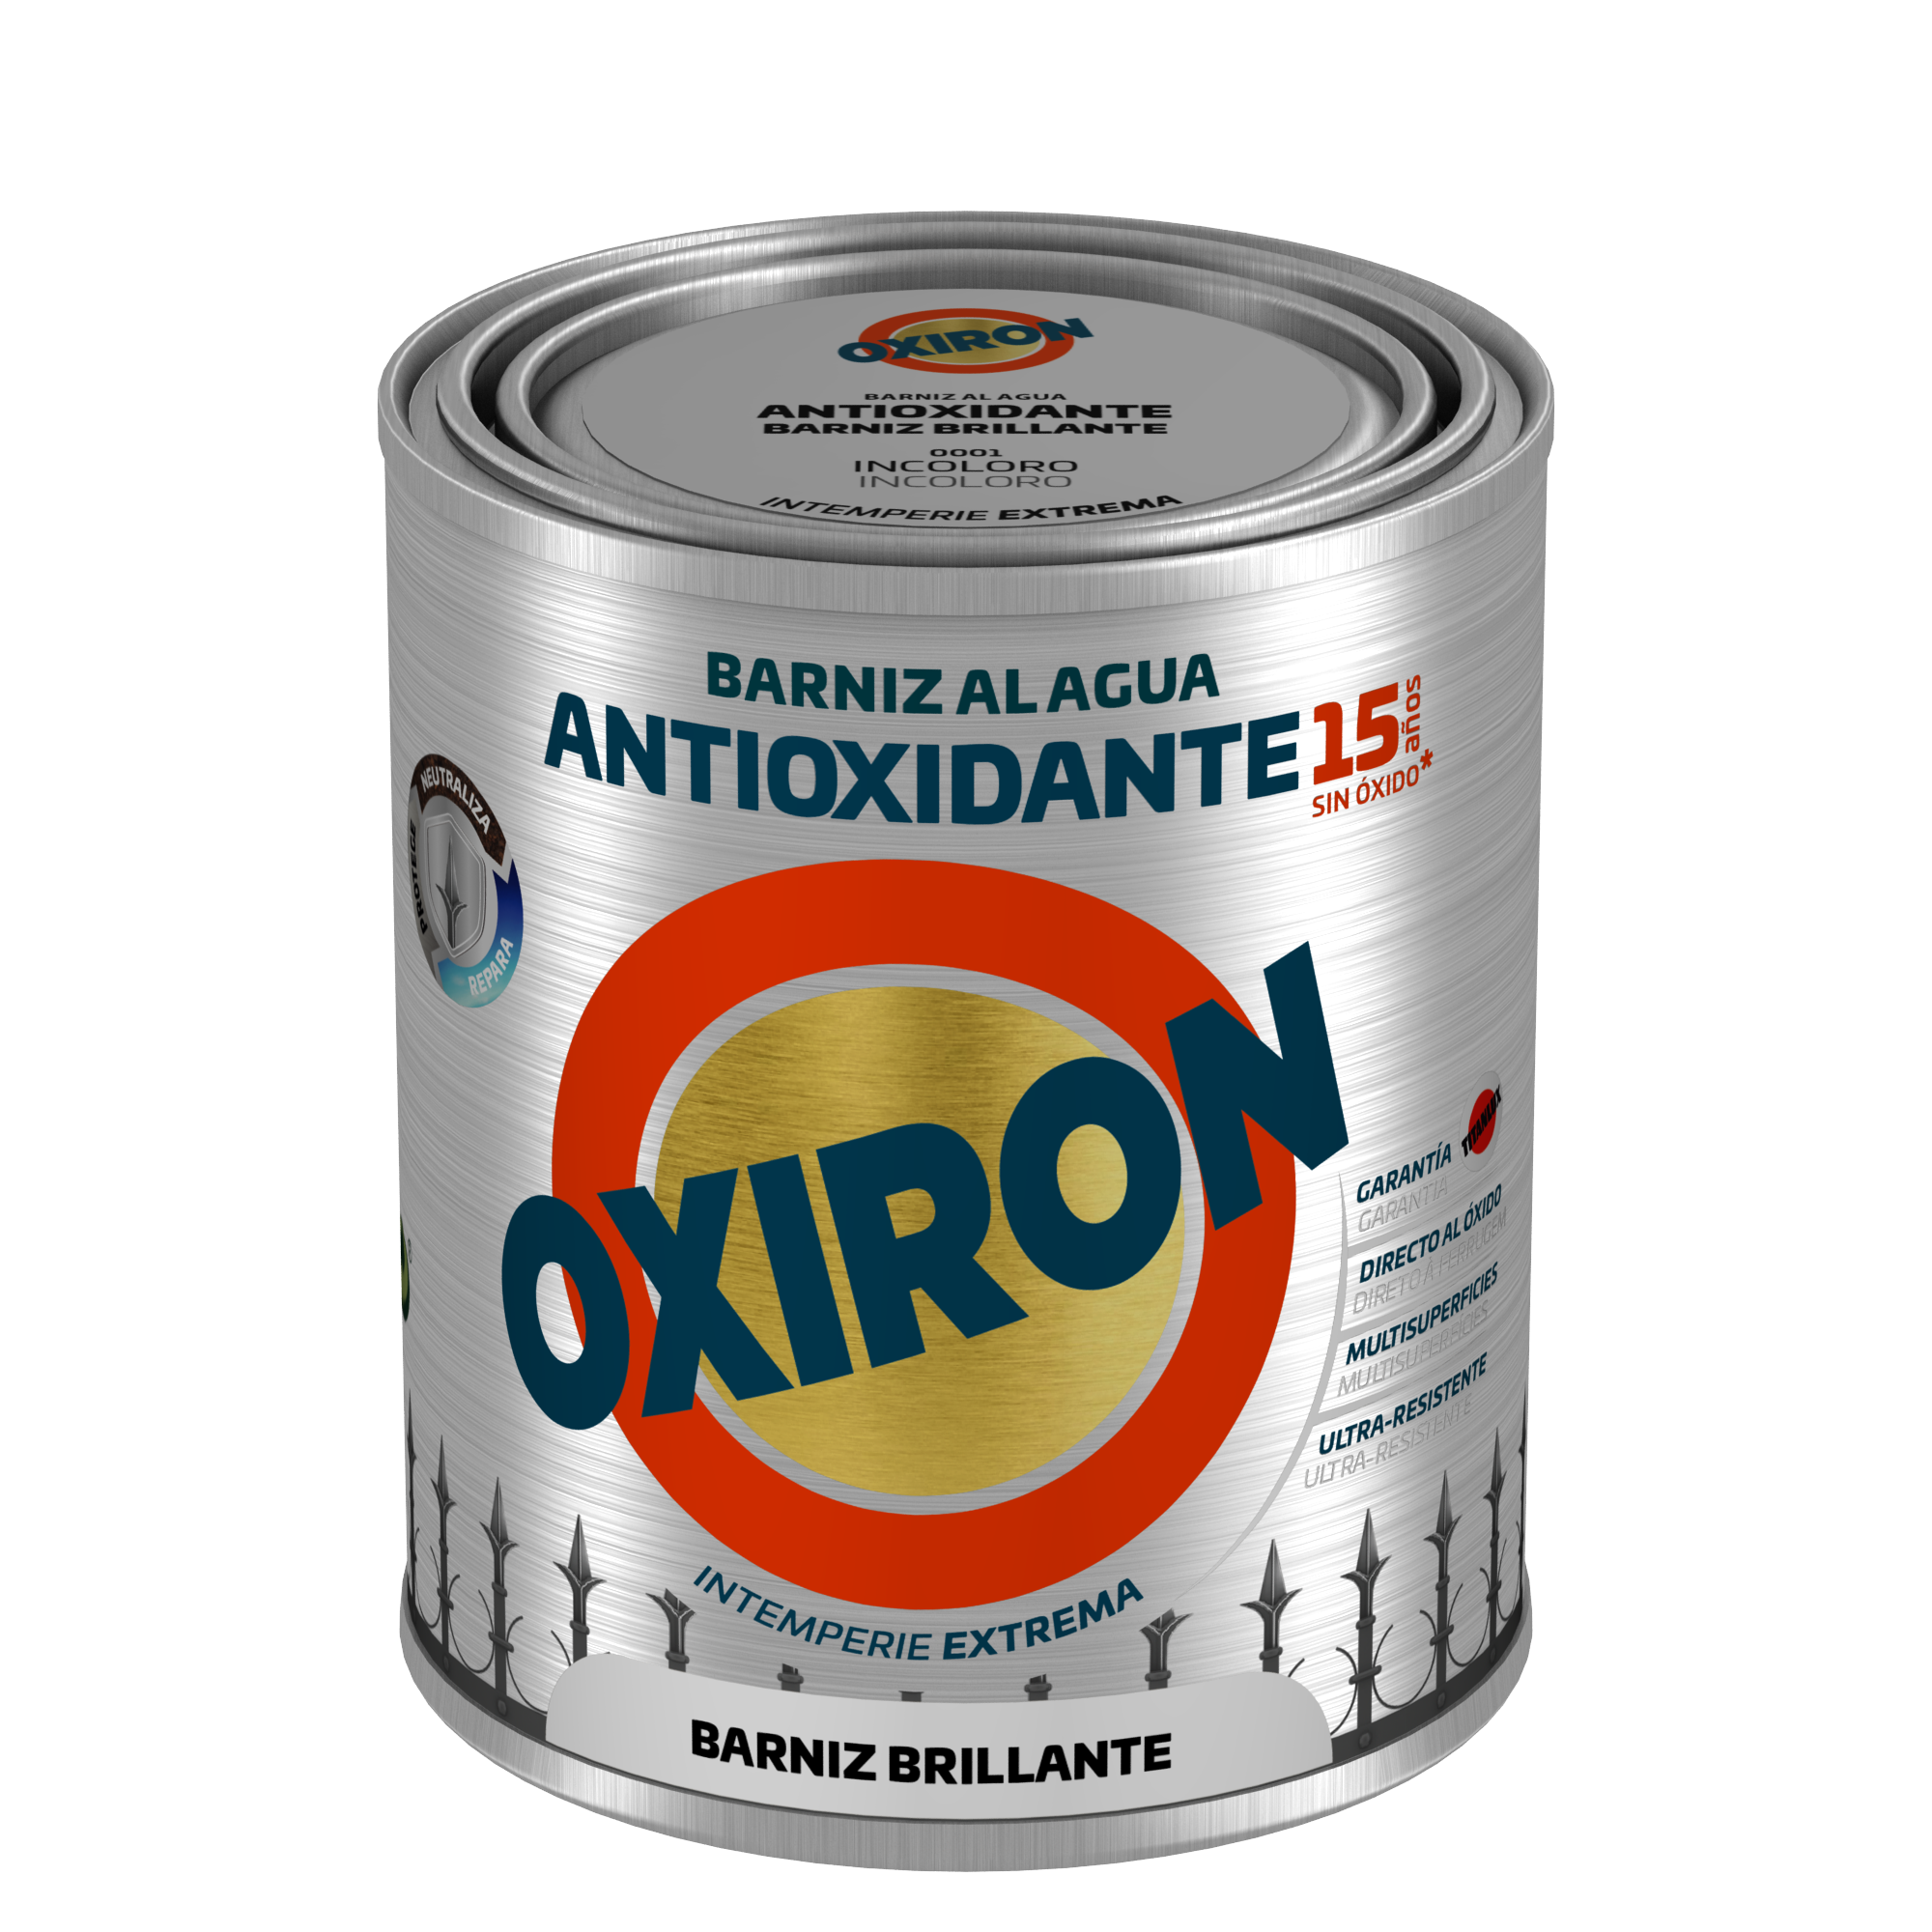 OXIRÓN BARNIZ ANTIOXIDANTE BRILLANTE